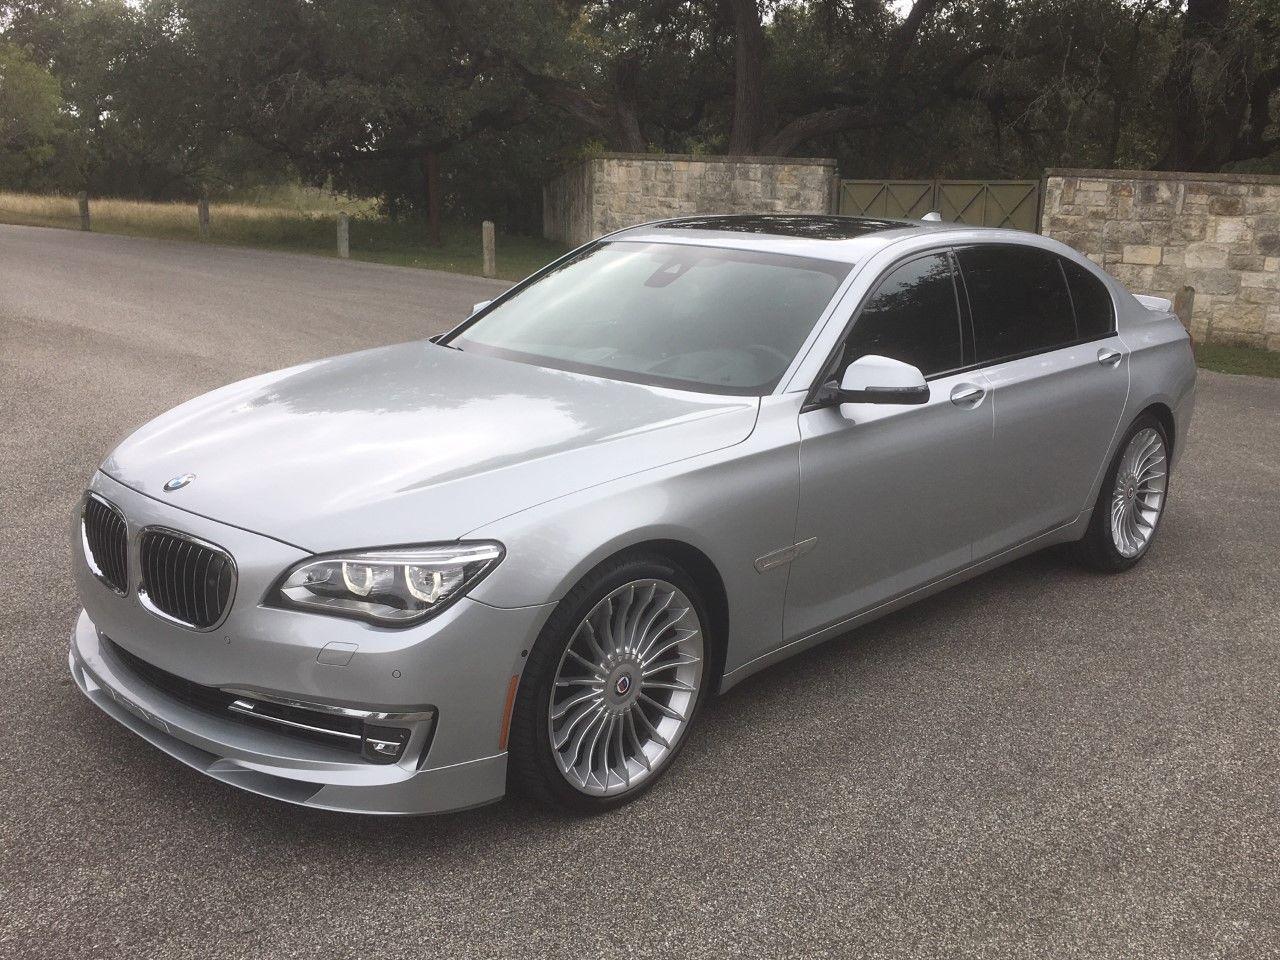 2014 BMW 7-Series B7 ALPINA BMW ALPINA B7 LWB 149K NEW, ALL ...